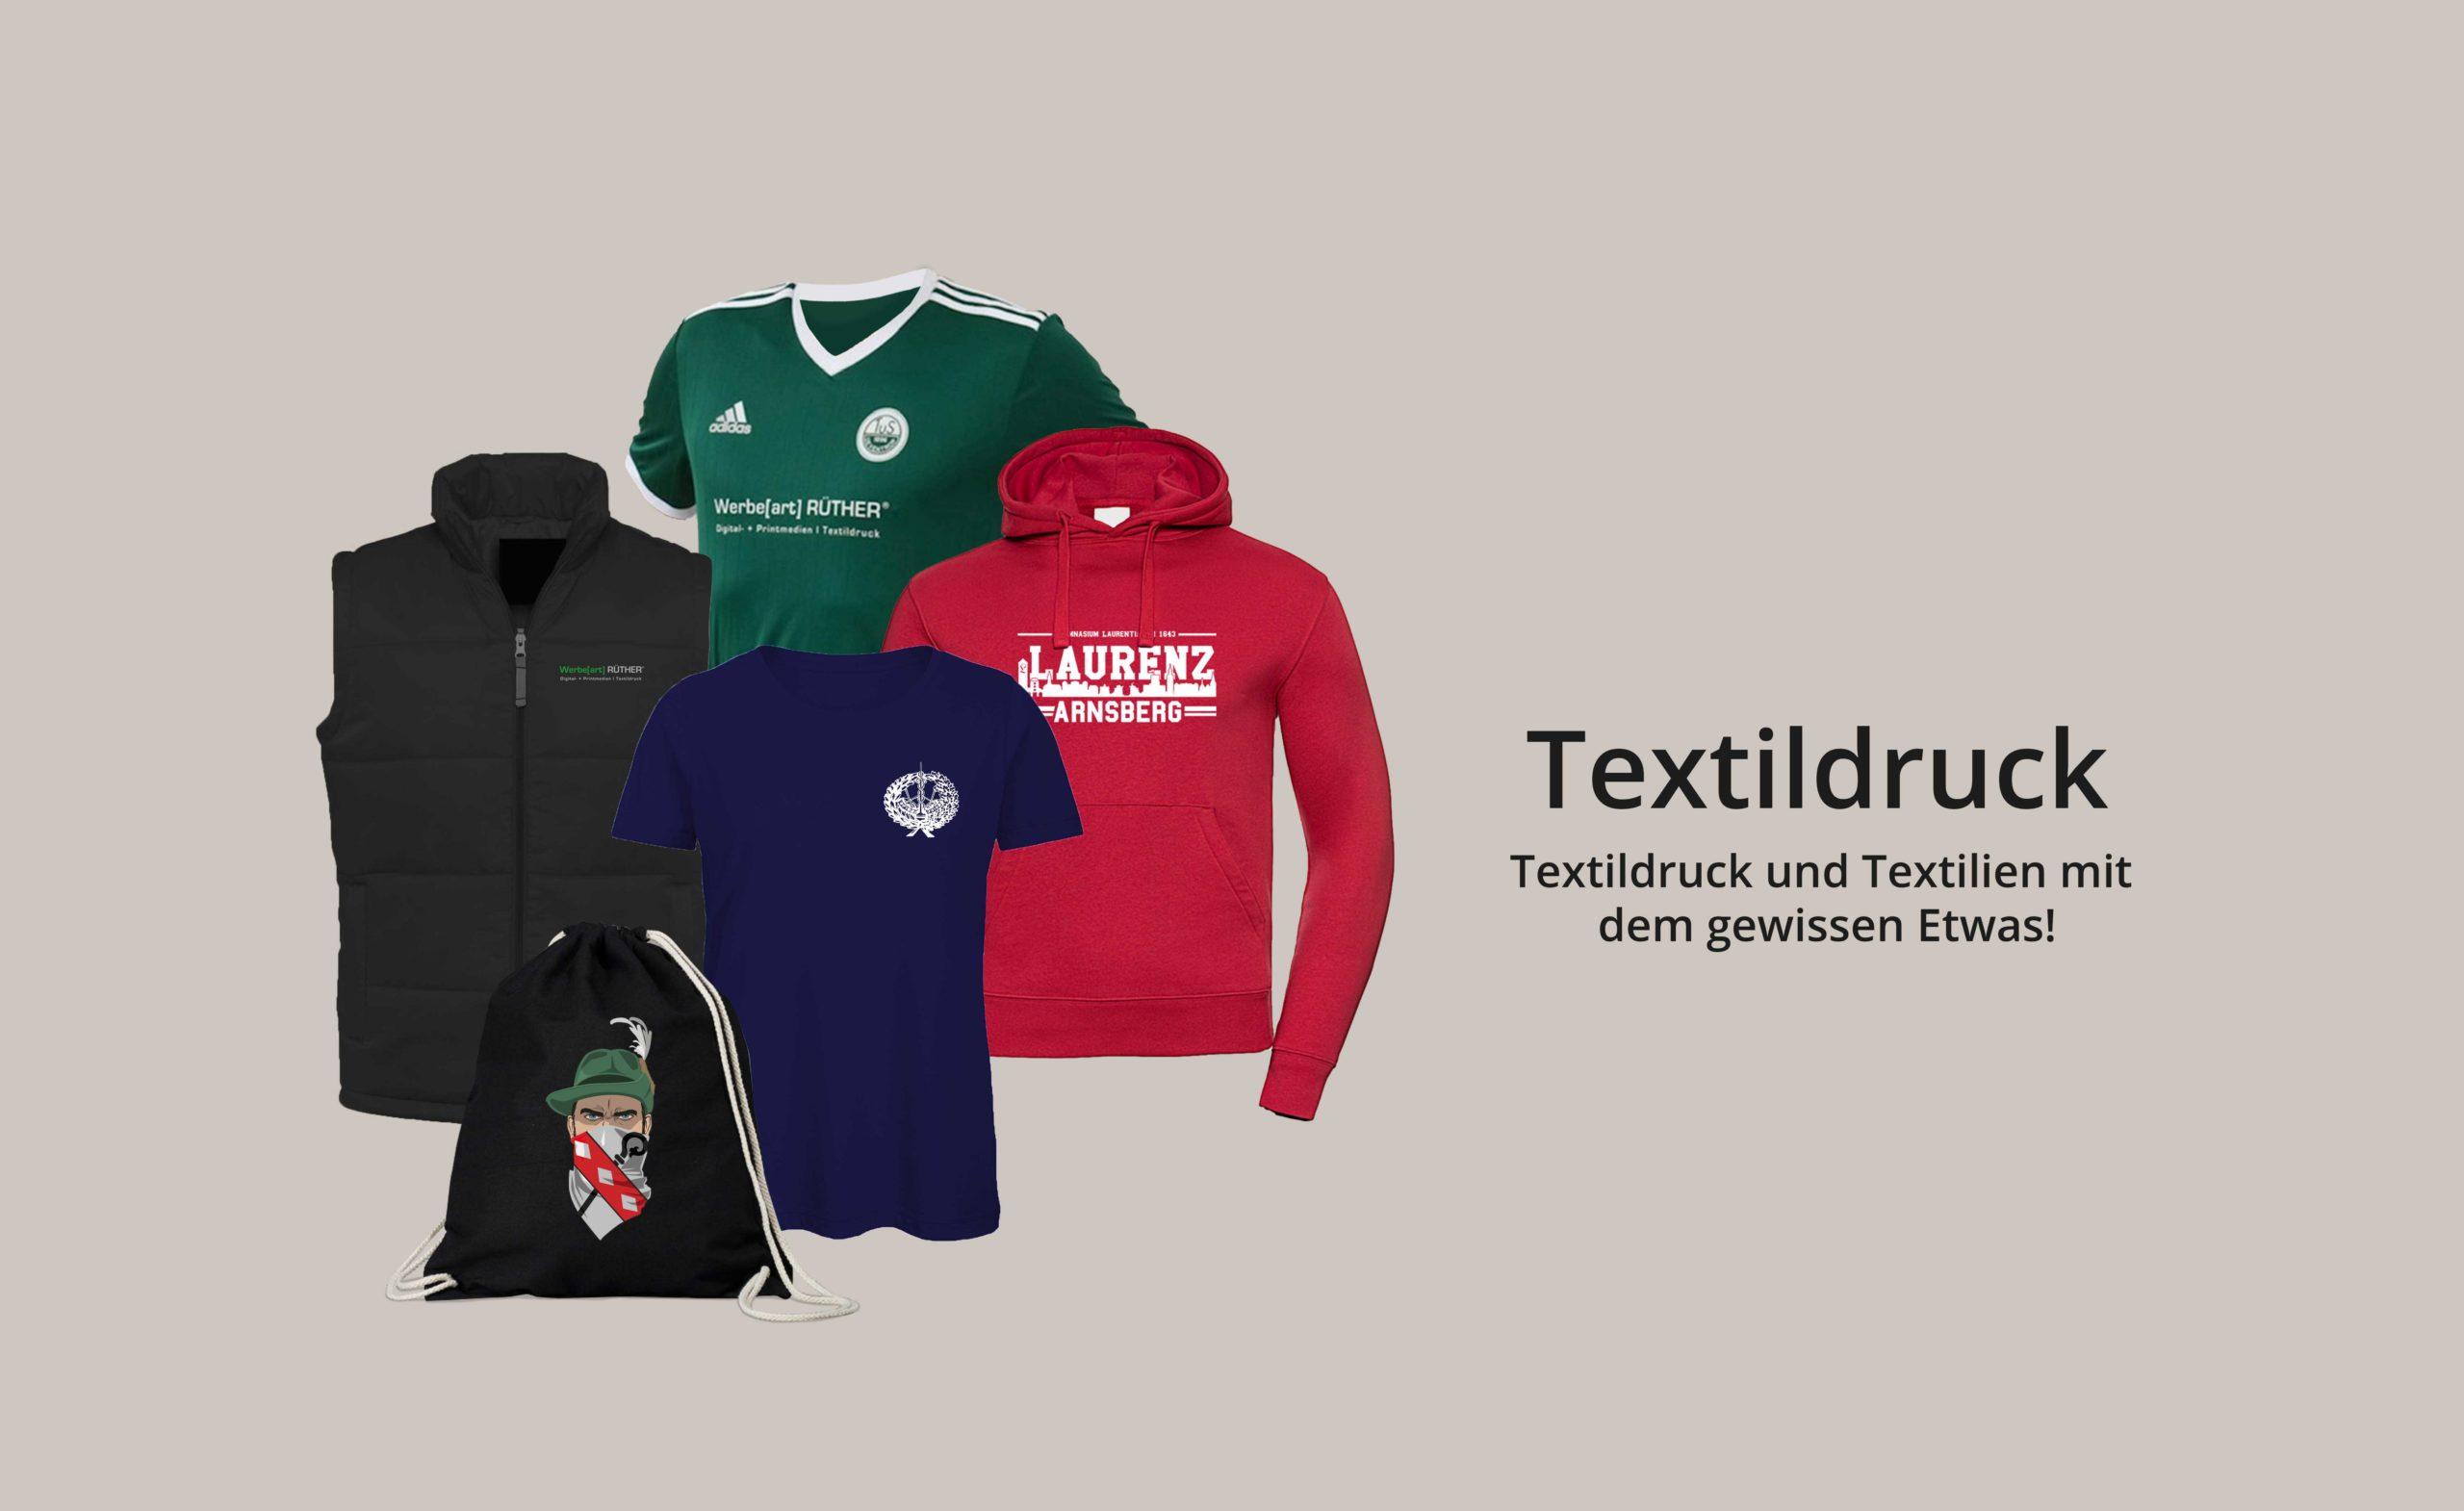 Textildruck - Textildruck und Textilie mit dem gewissen Etwas!